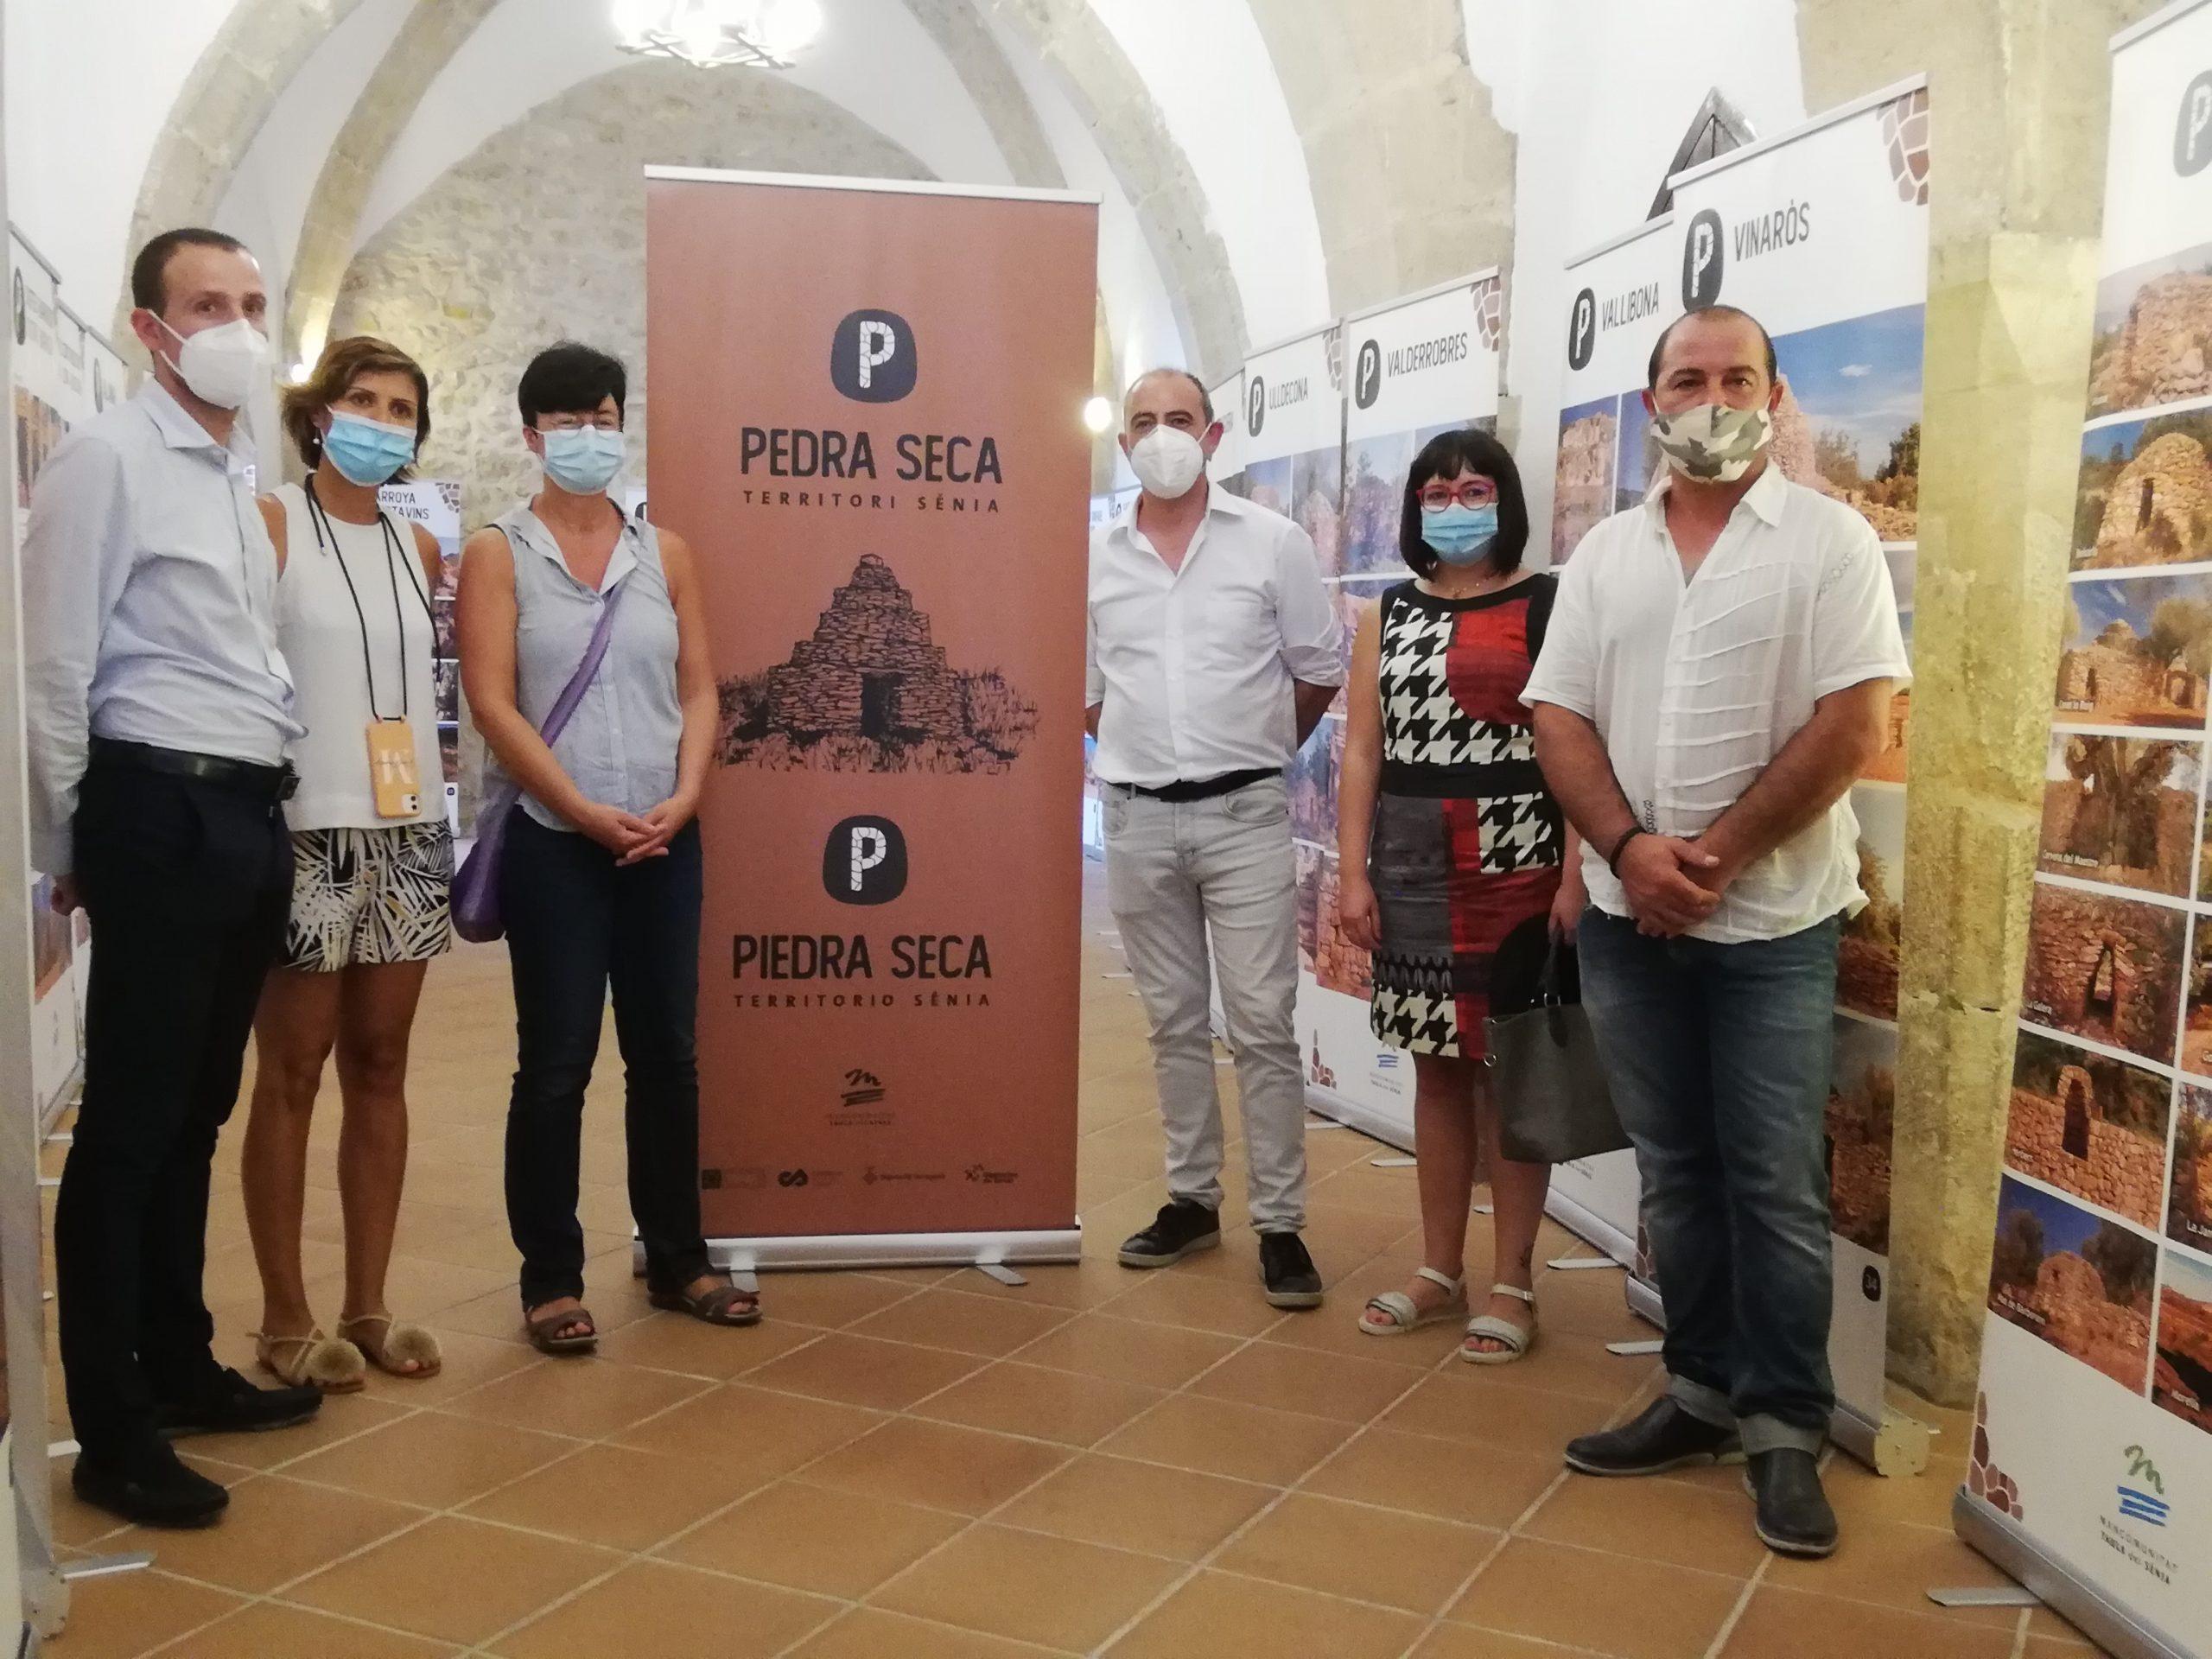 Las diputaciones de Castellón, Tarragona y Teruel se unen para poner en valor el patrimonio agrícola y arquitectónico del Sénia